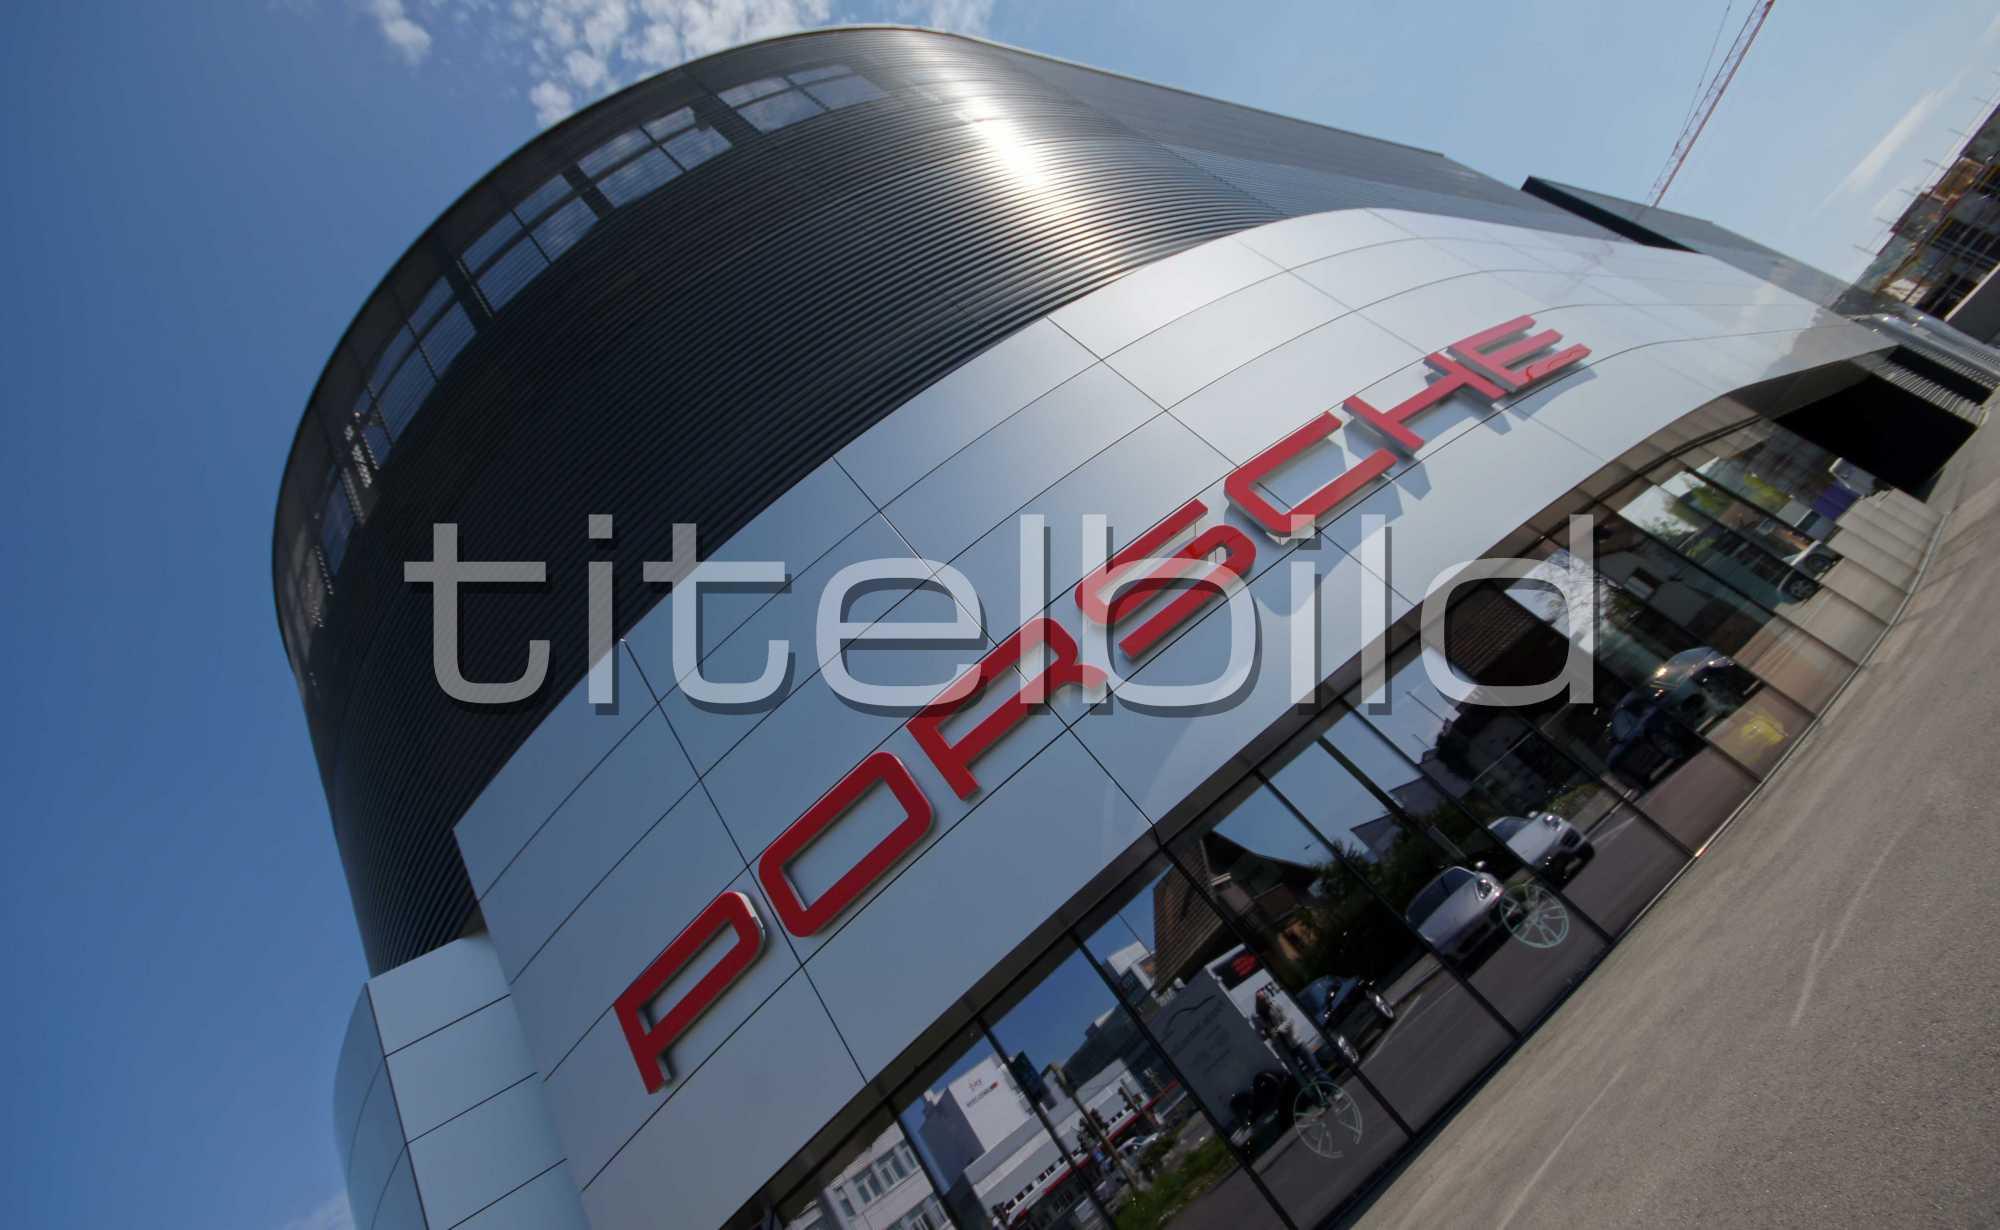 Projektbild-Nr. 8: Porsche Zentrum und VW Center - AMAG RETAIL Schlieren